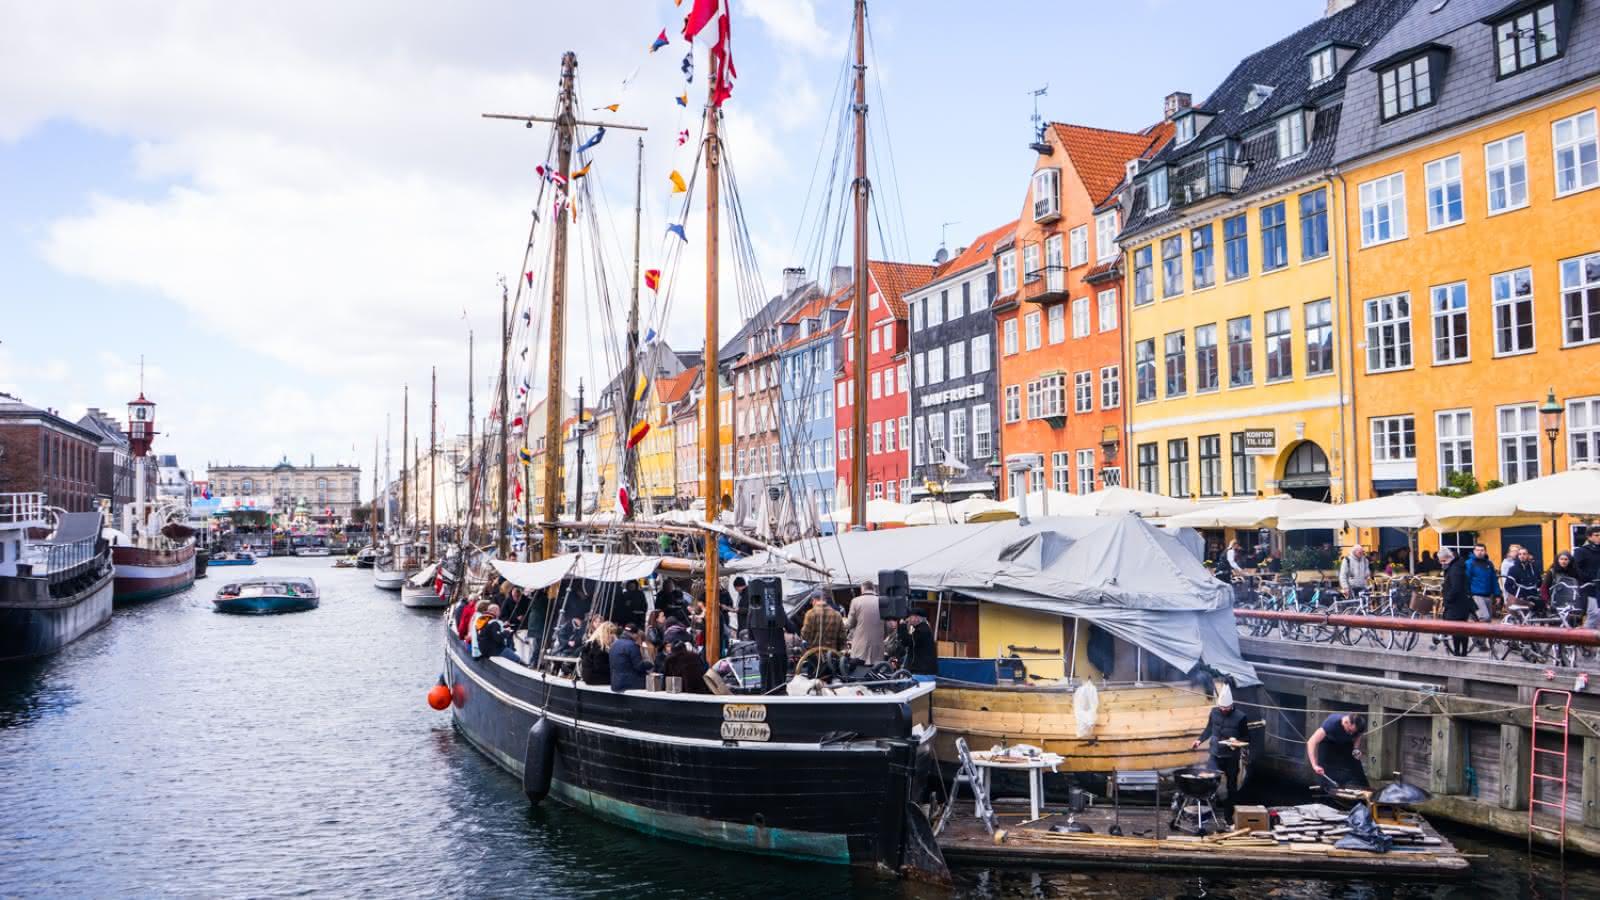 Nyhavn harbor during the SANDEMANs Free Tour in Copenhagen